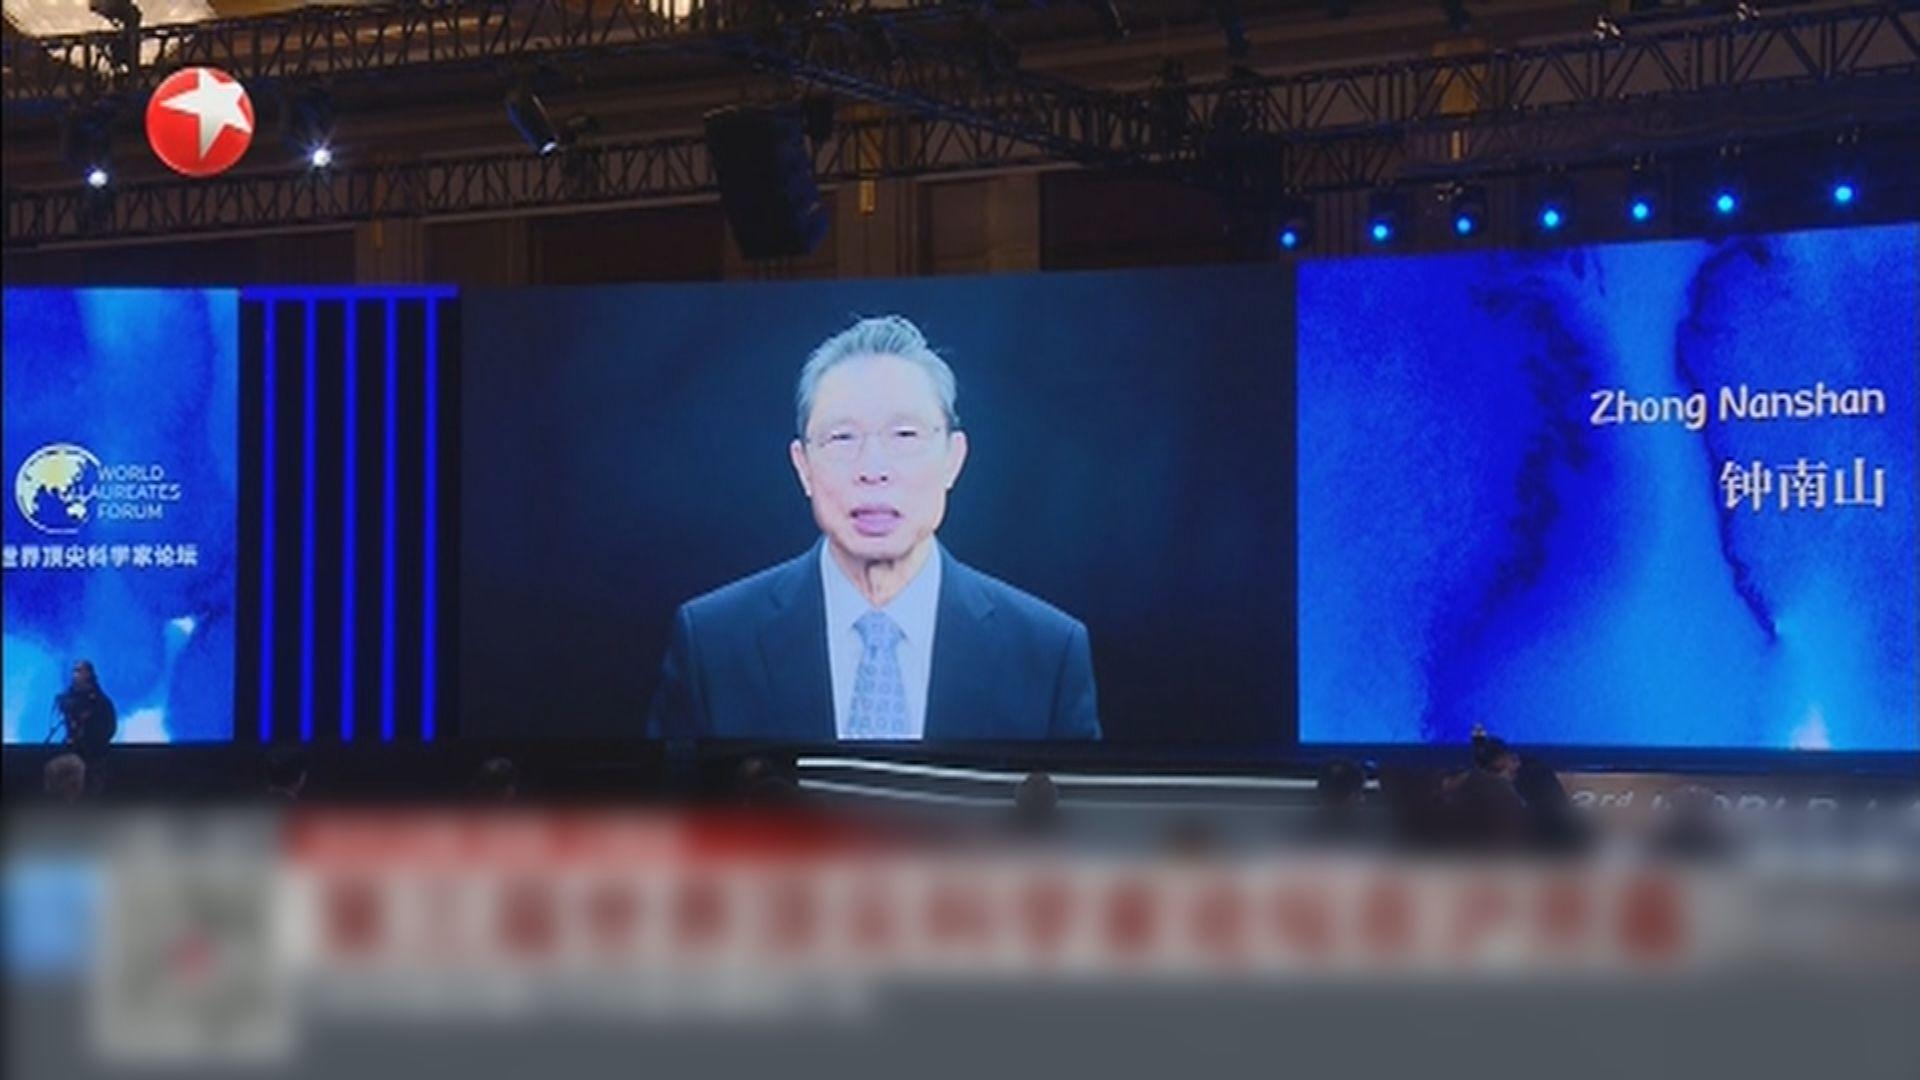 鍾南山:相信中國不會爆發第二波新冠疫情